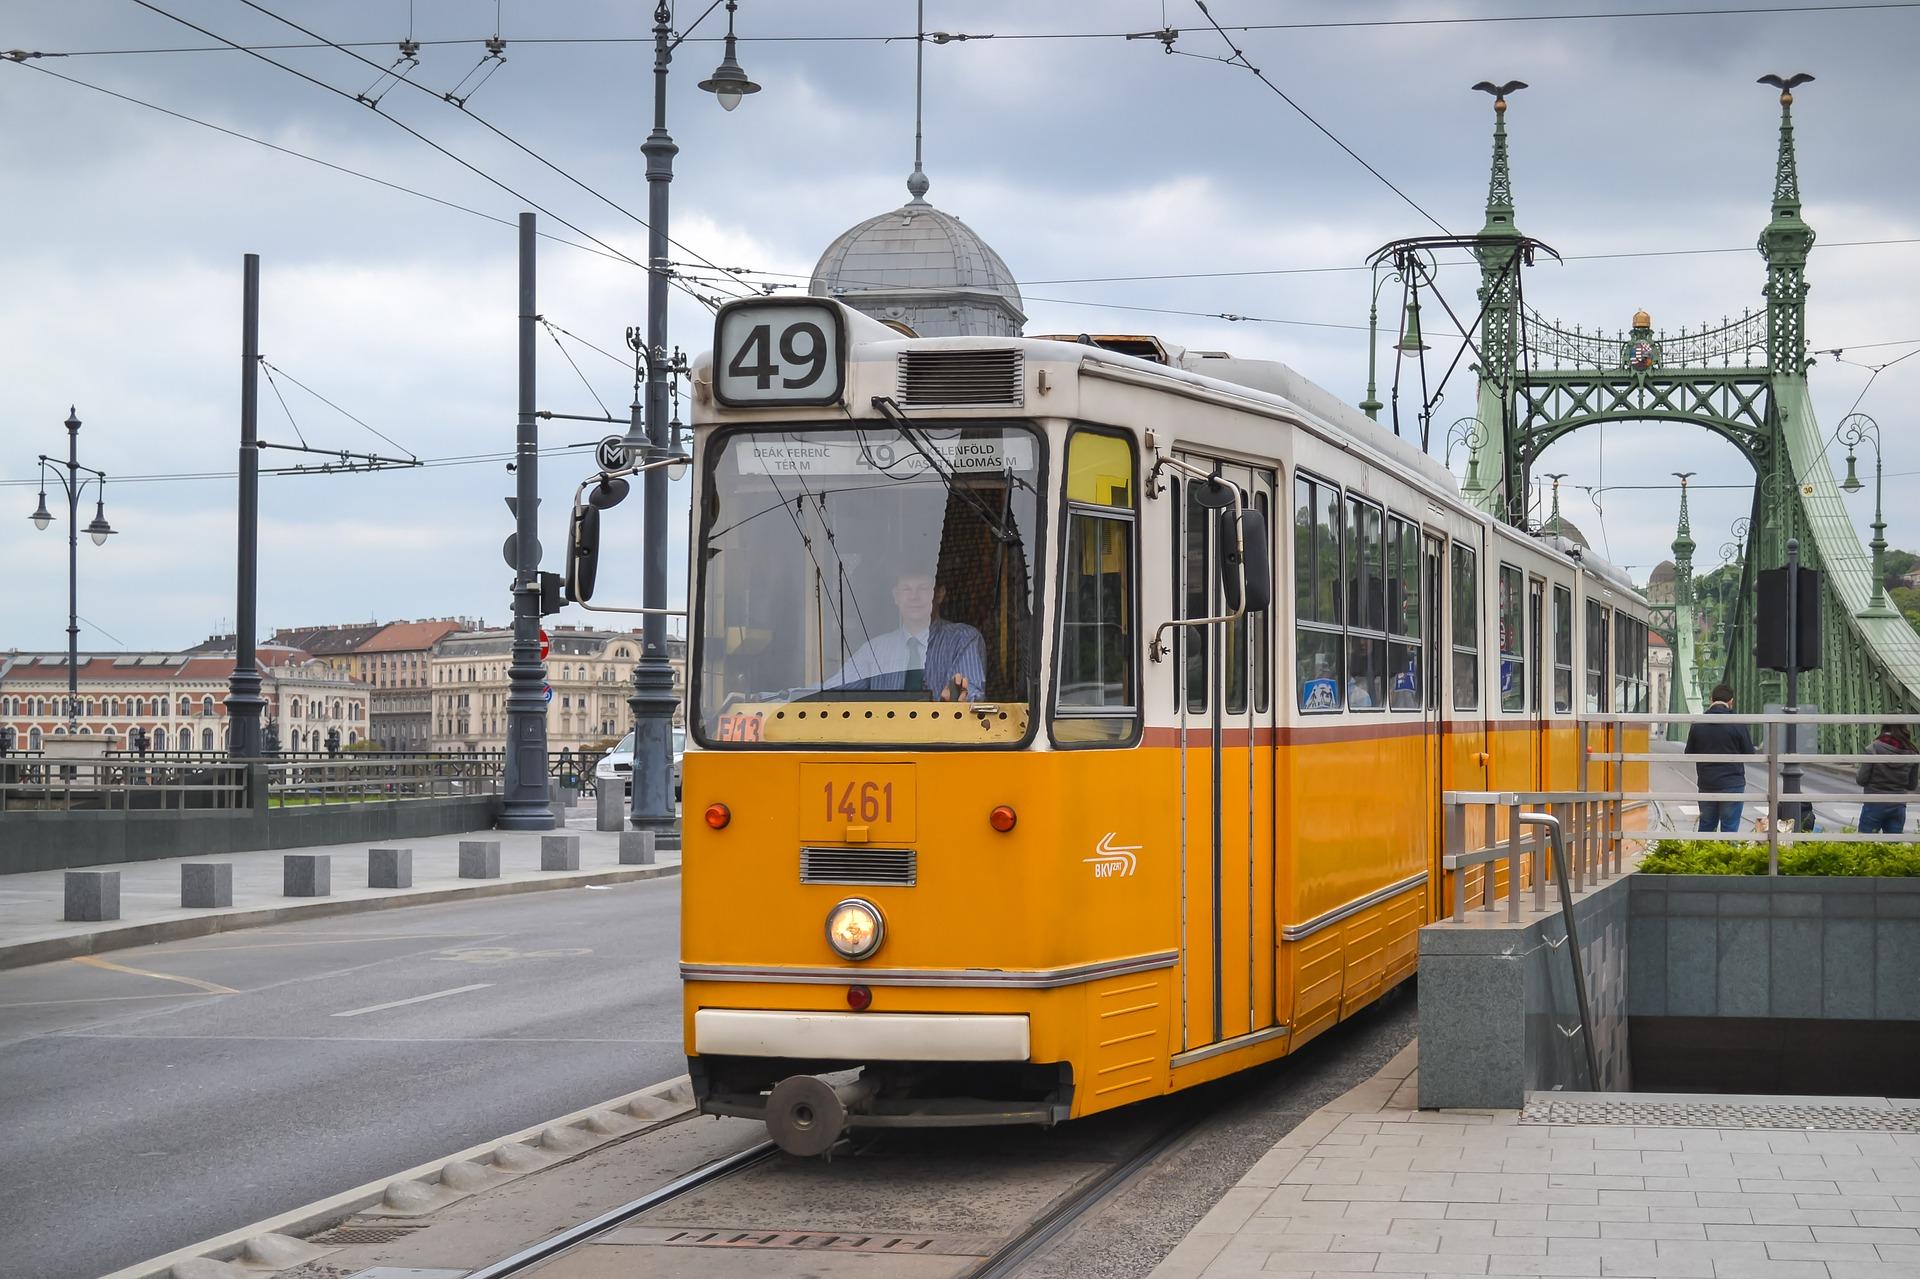 Nutzen Sie die Straßenbahn um von A nach B zu kommen in der Metropole